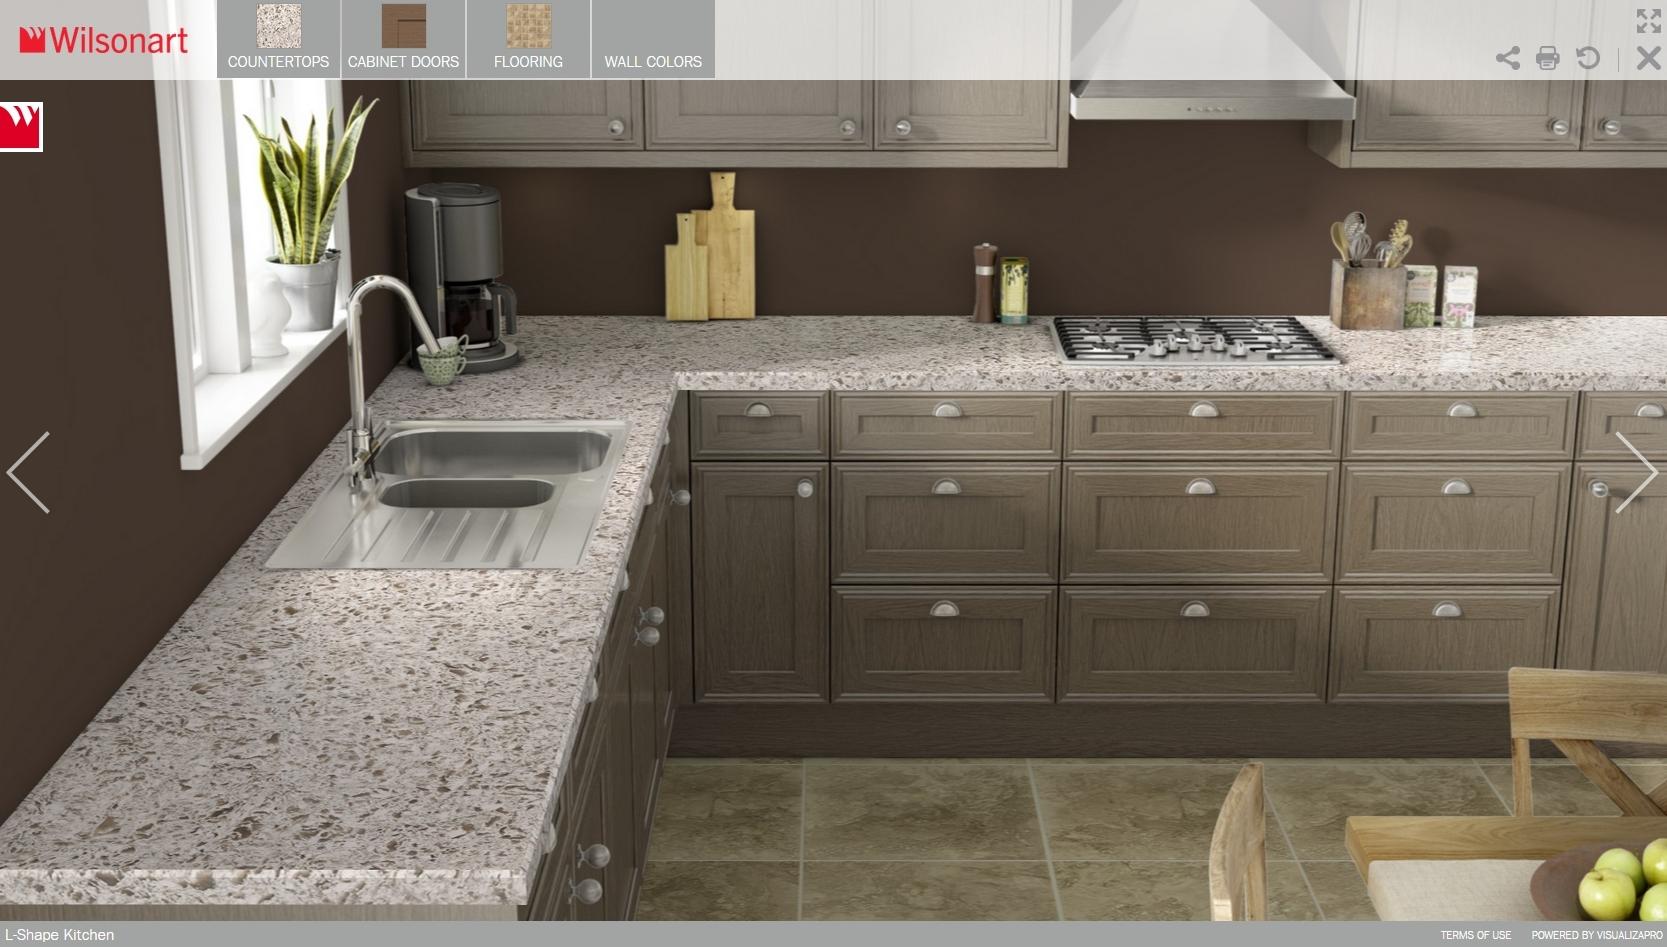 Wilsonart Kitchen Visualizer | Best Home Decorating Ideas